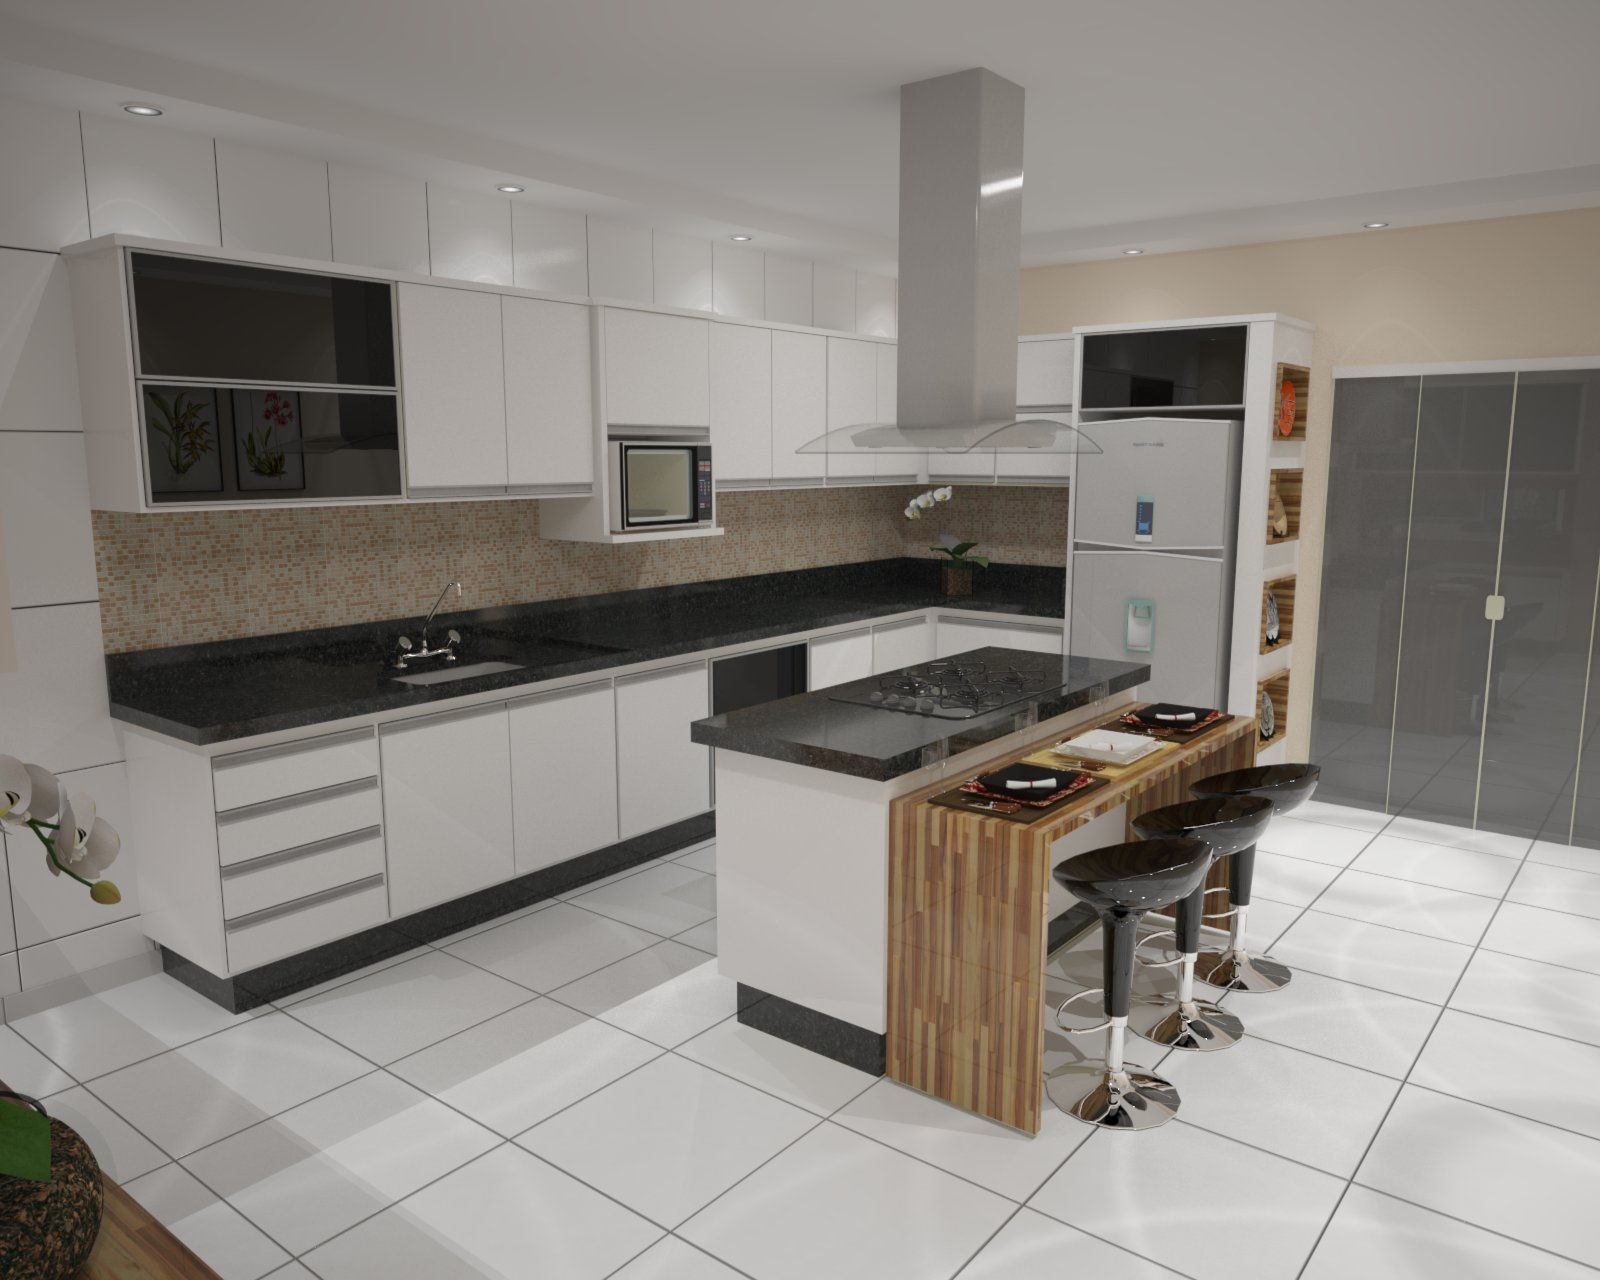 Projetos 3D para Marcenaria: Projetos Cozinhas #4D5E71 1600 1280